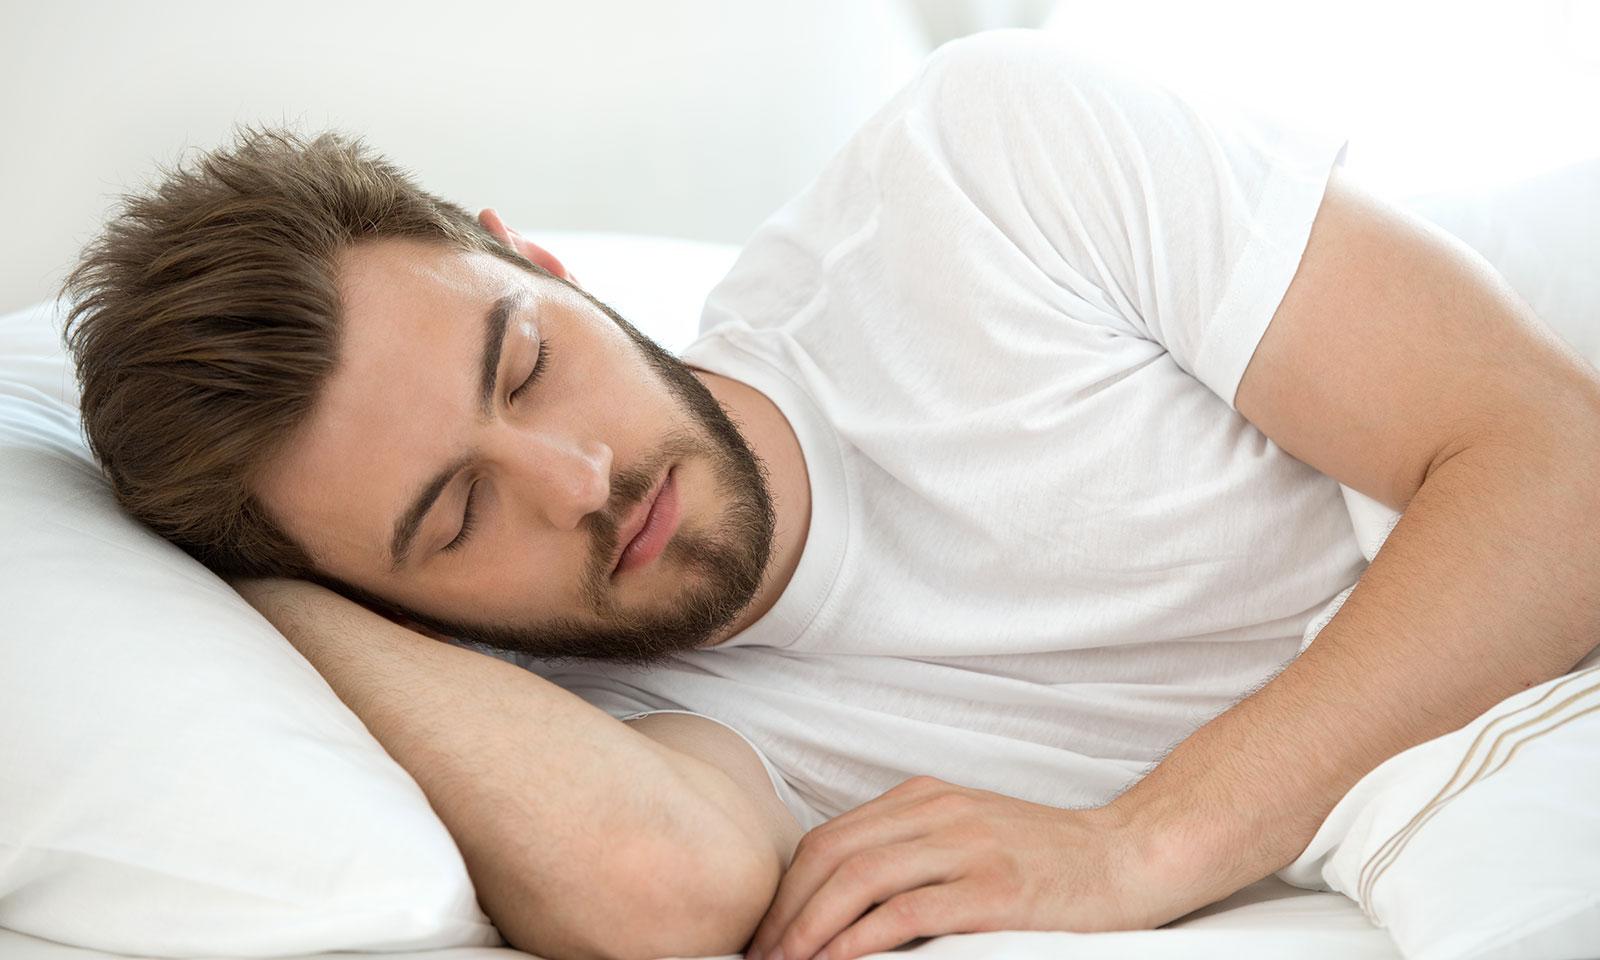 Top 4 Best Amino Acid Supplements For Sleep